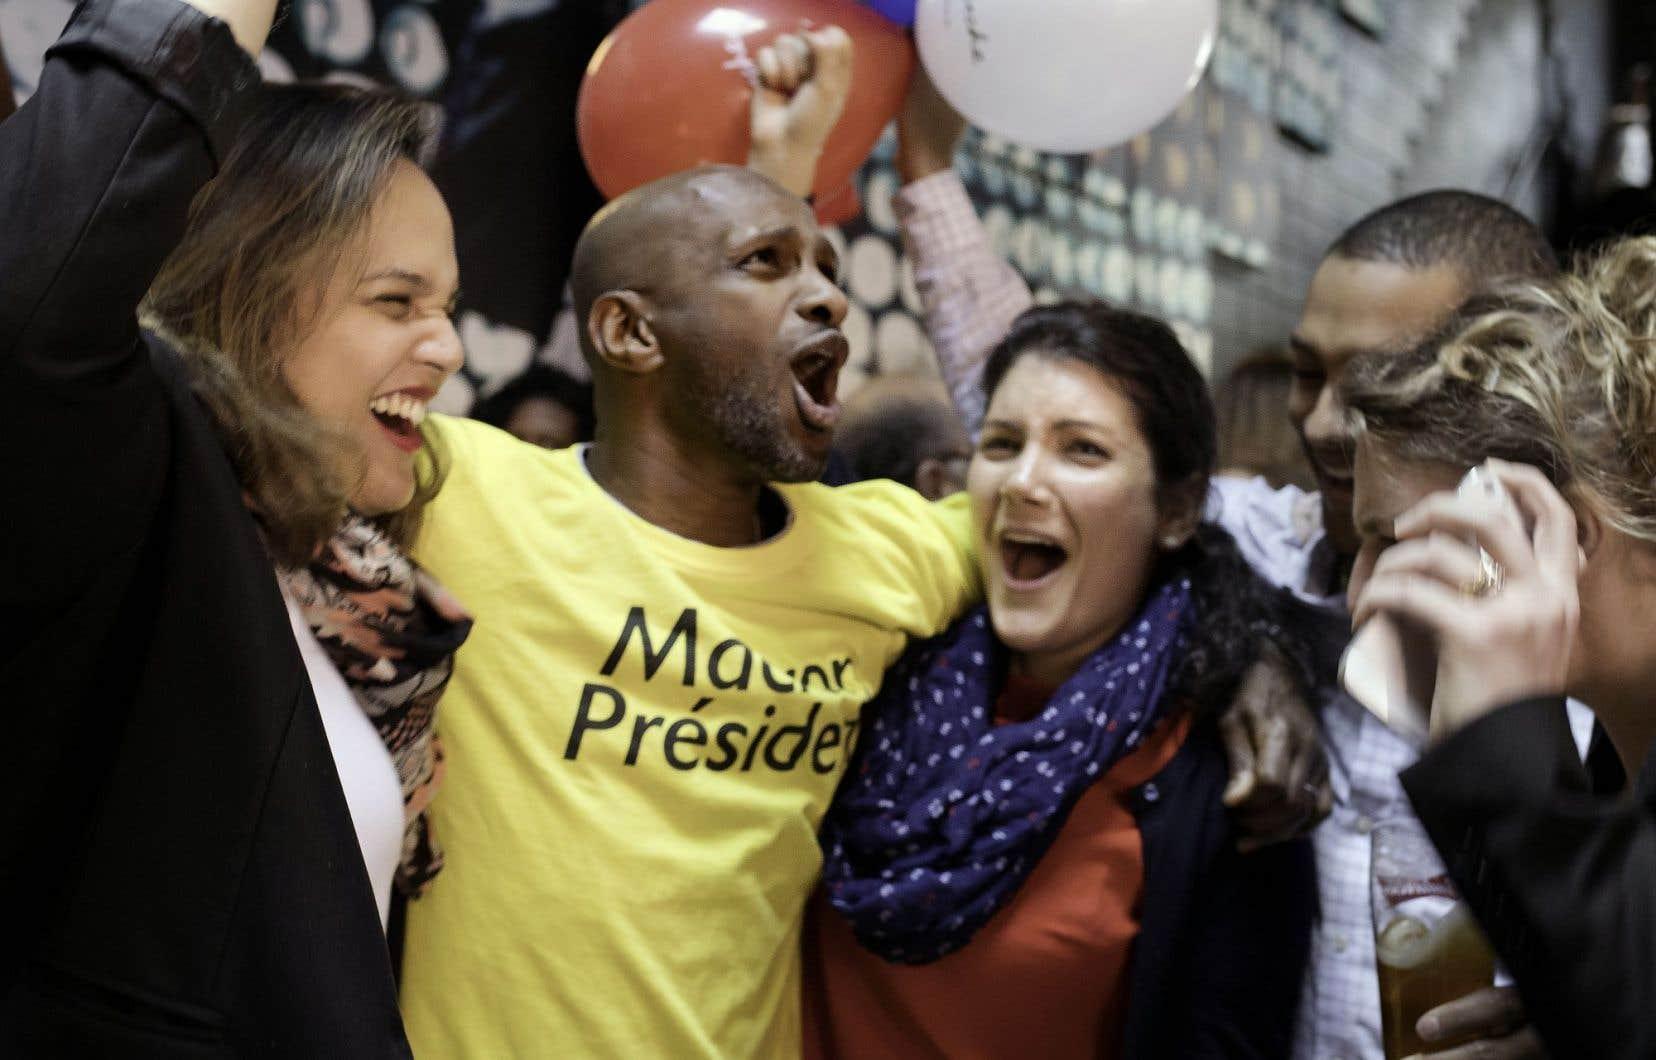 Des partisans d'Emmanuel Macron célèbrent sa victoire dans un bar du Plateau-Mont-Royal.